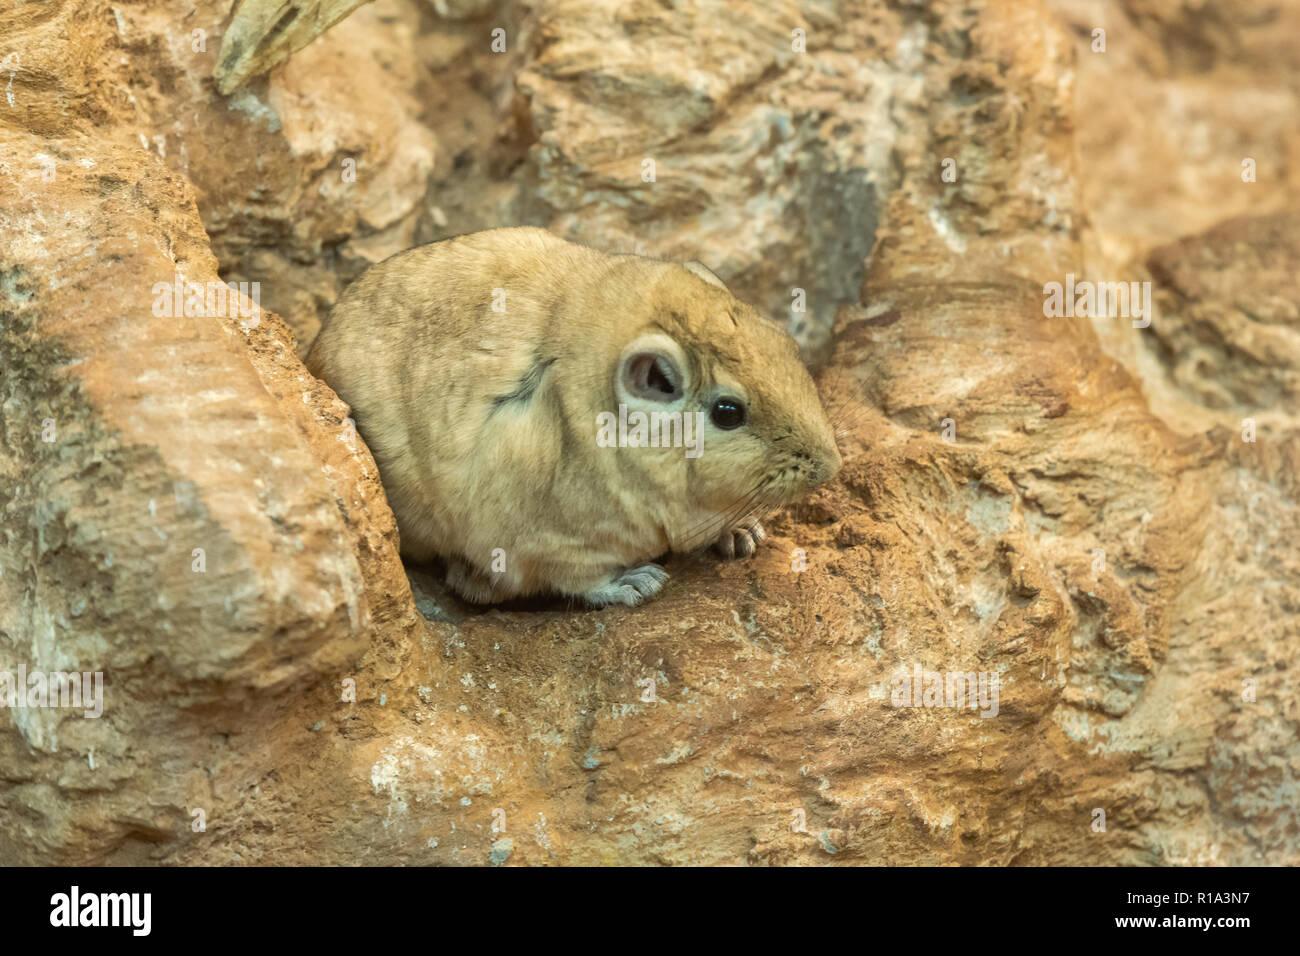 small rodent - Ctenodactylus gundi - Stock Image